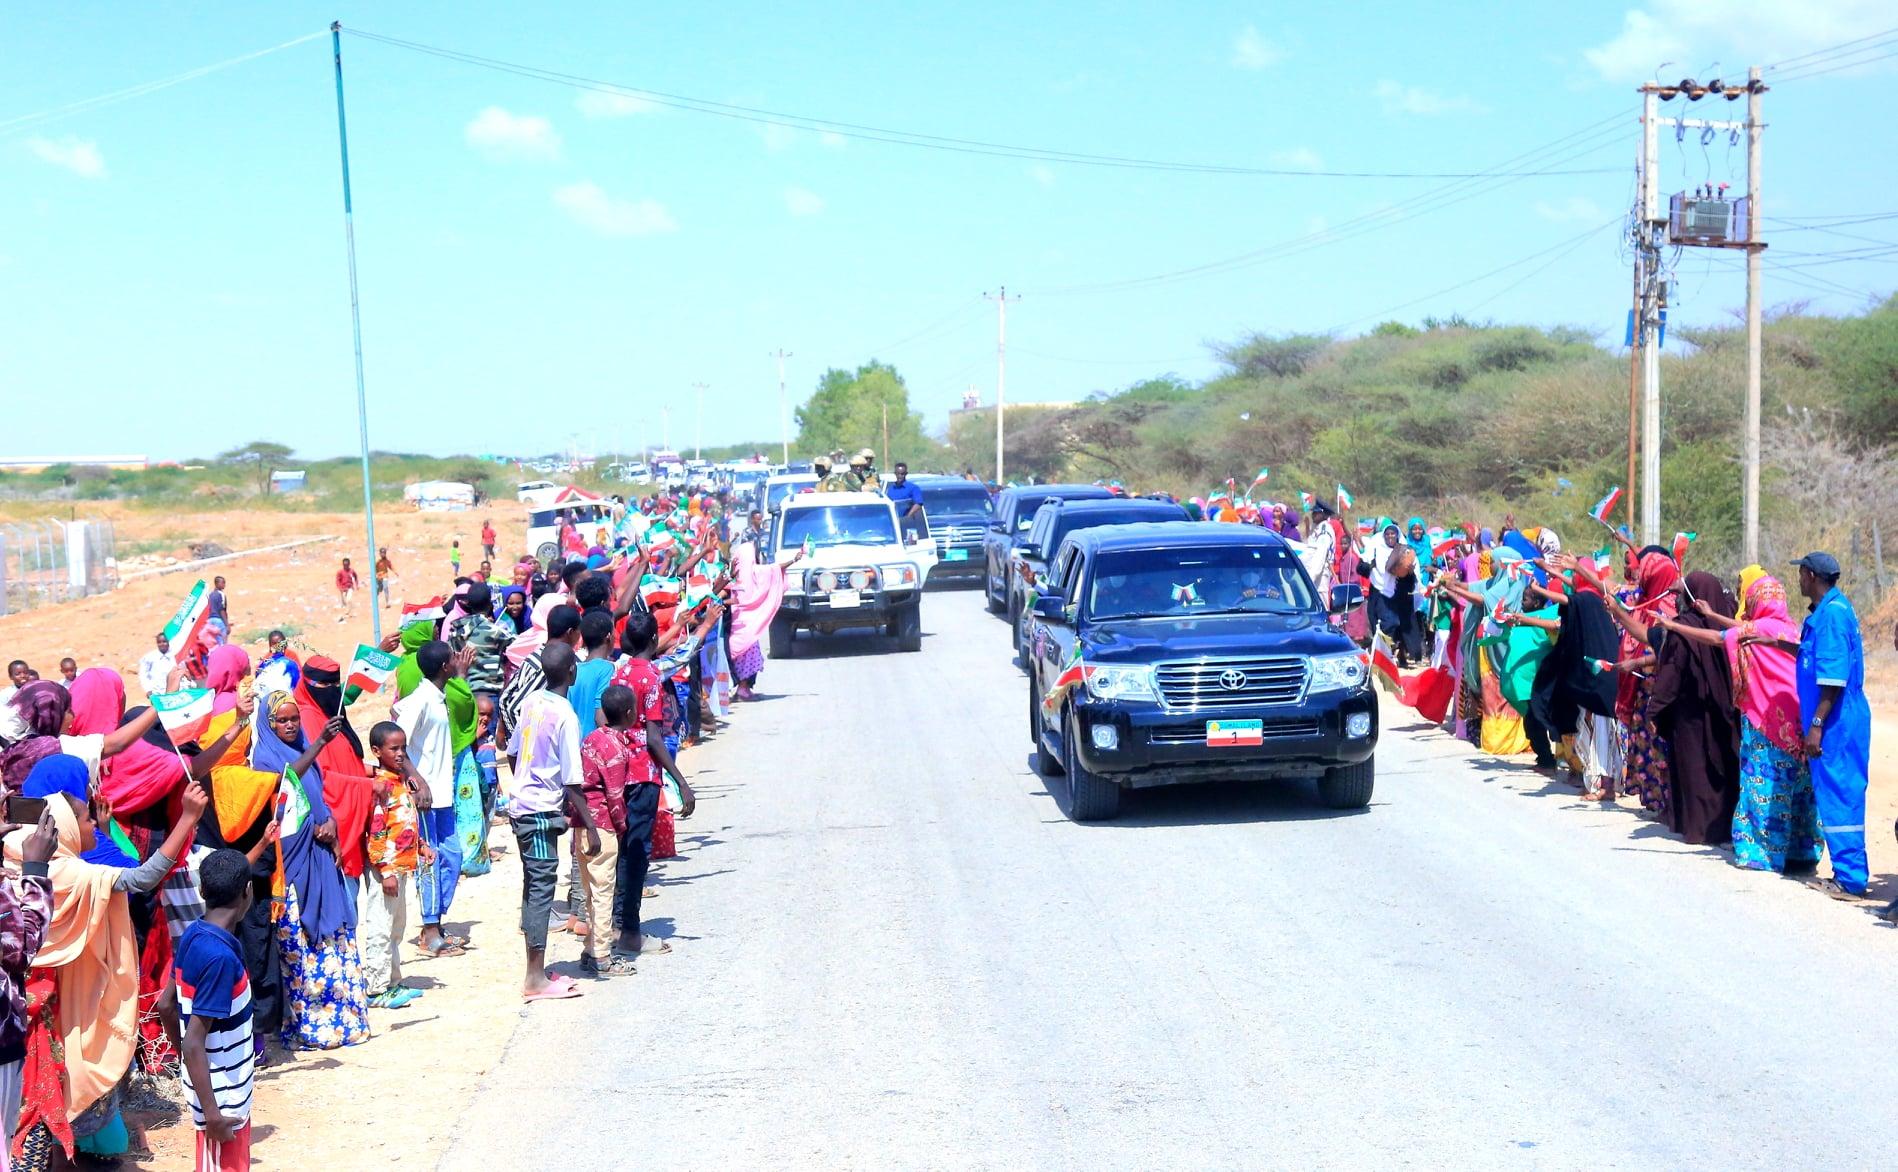 Madaxweynaha Somaliland Iyo Weftigii Uu Hoggaaminayey Oo Si Ballaadhan Loogu Soo Dhaweeyey Gobolka Togdheer